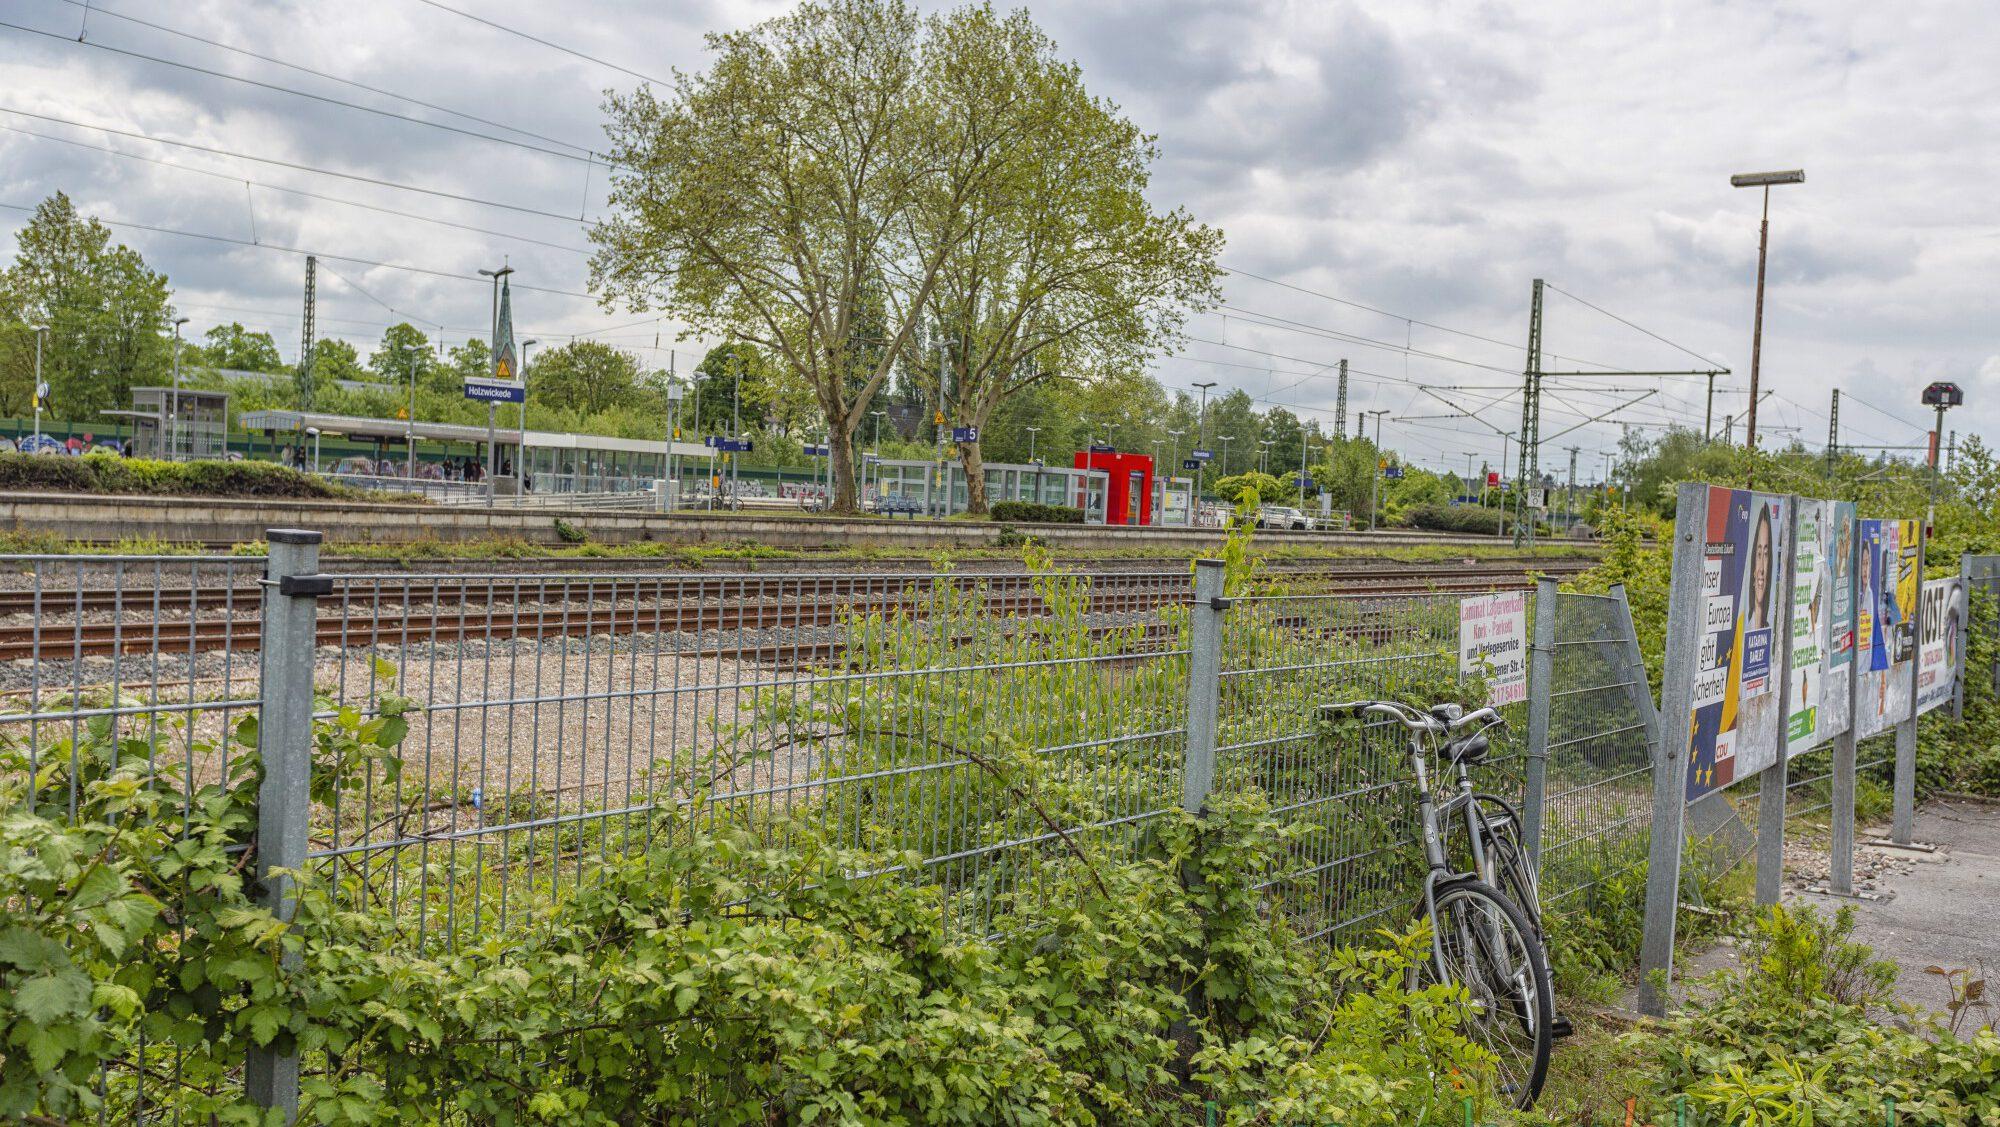 zur Umgestaltung des Bahnhofsumfeldes erarbeiten: In diesem Bereich soll der Durchstich aus Richtung Stehfenstraße zu einer neuen P+R-Anlage im südlichen Bereich des Bahnhofes erfolgen. (Foto: P. Gräber - Emscherblog)